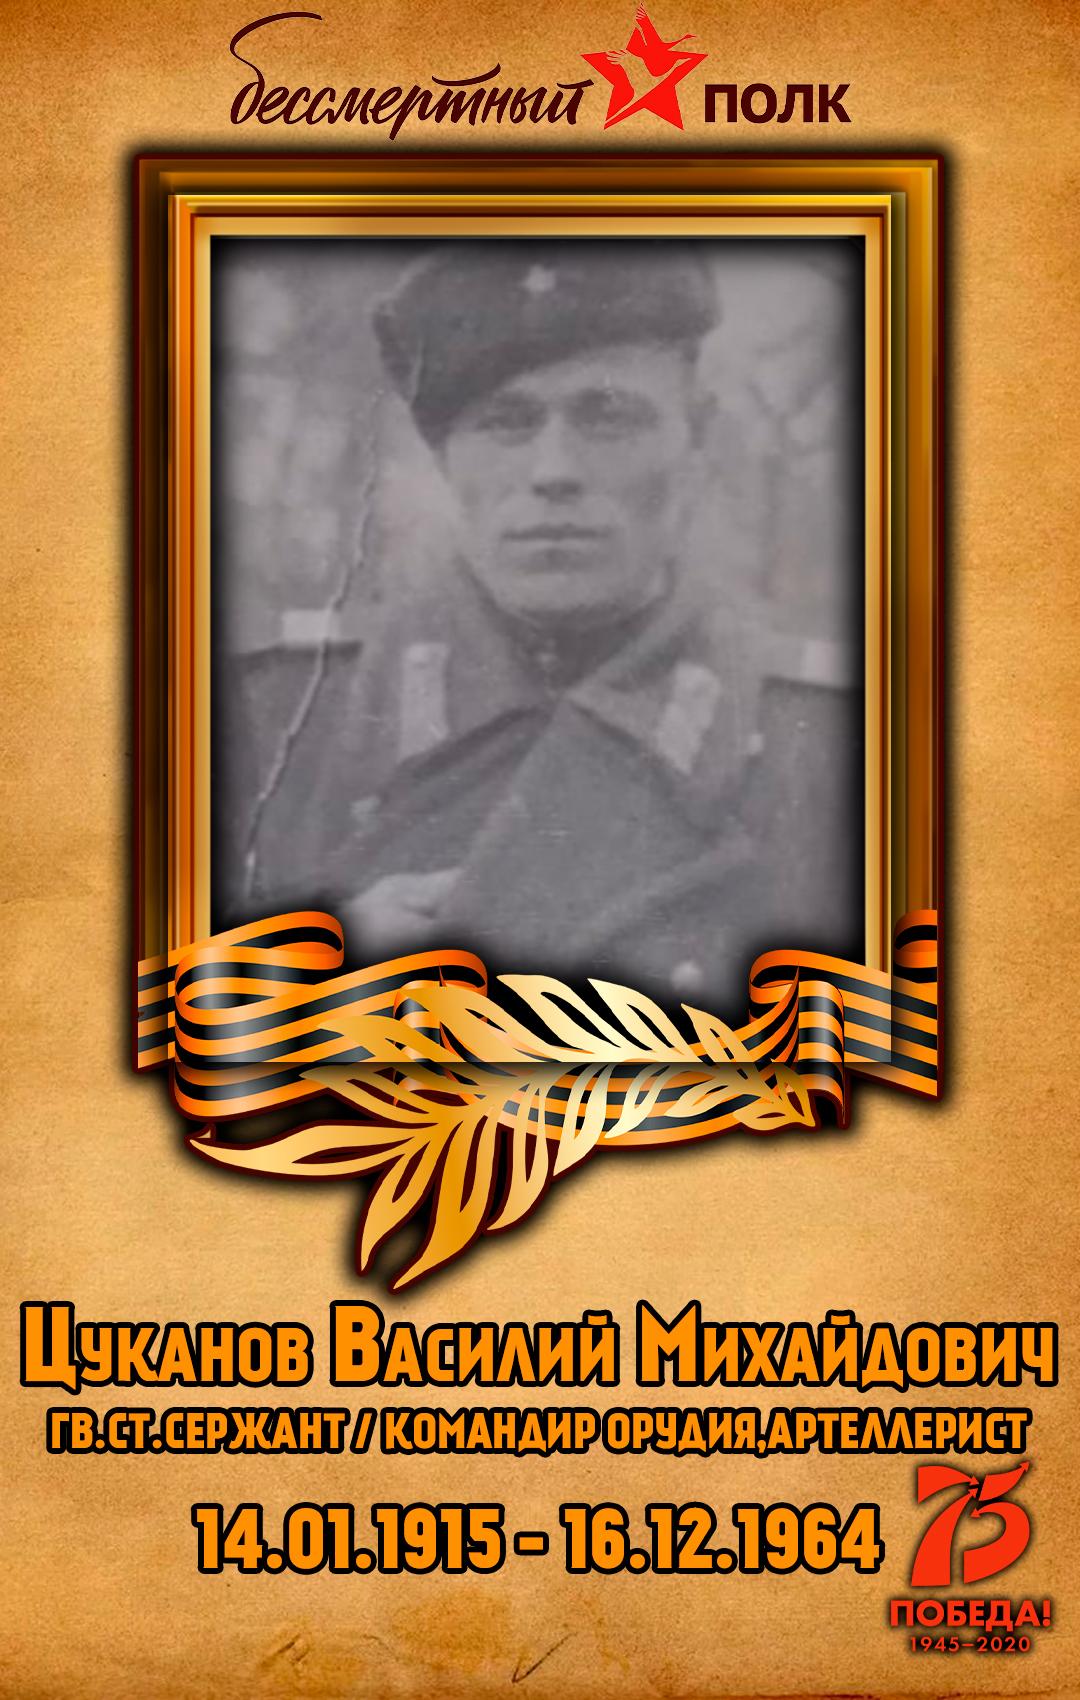 Цуканов-Василий-Михайдович